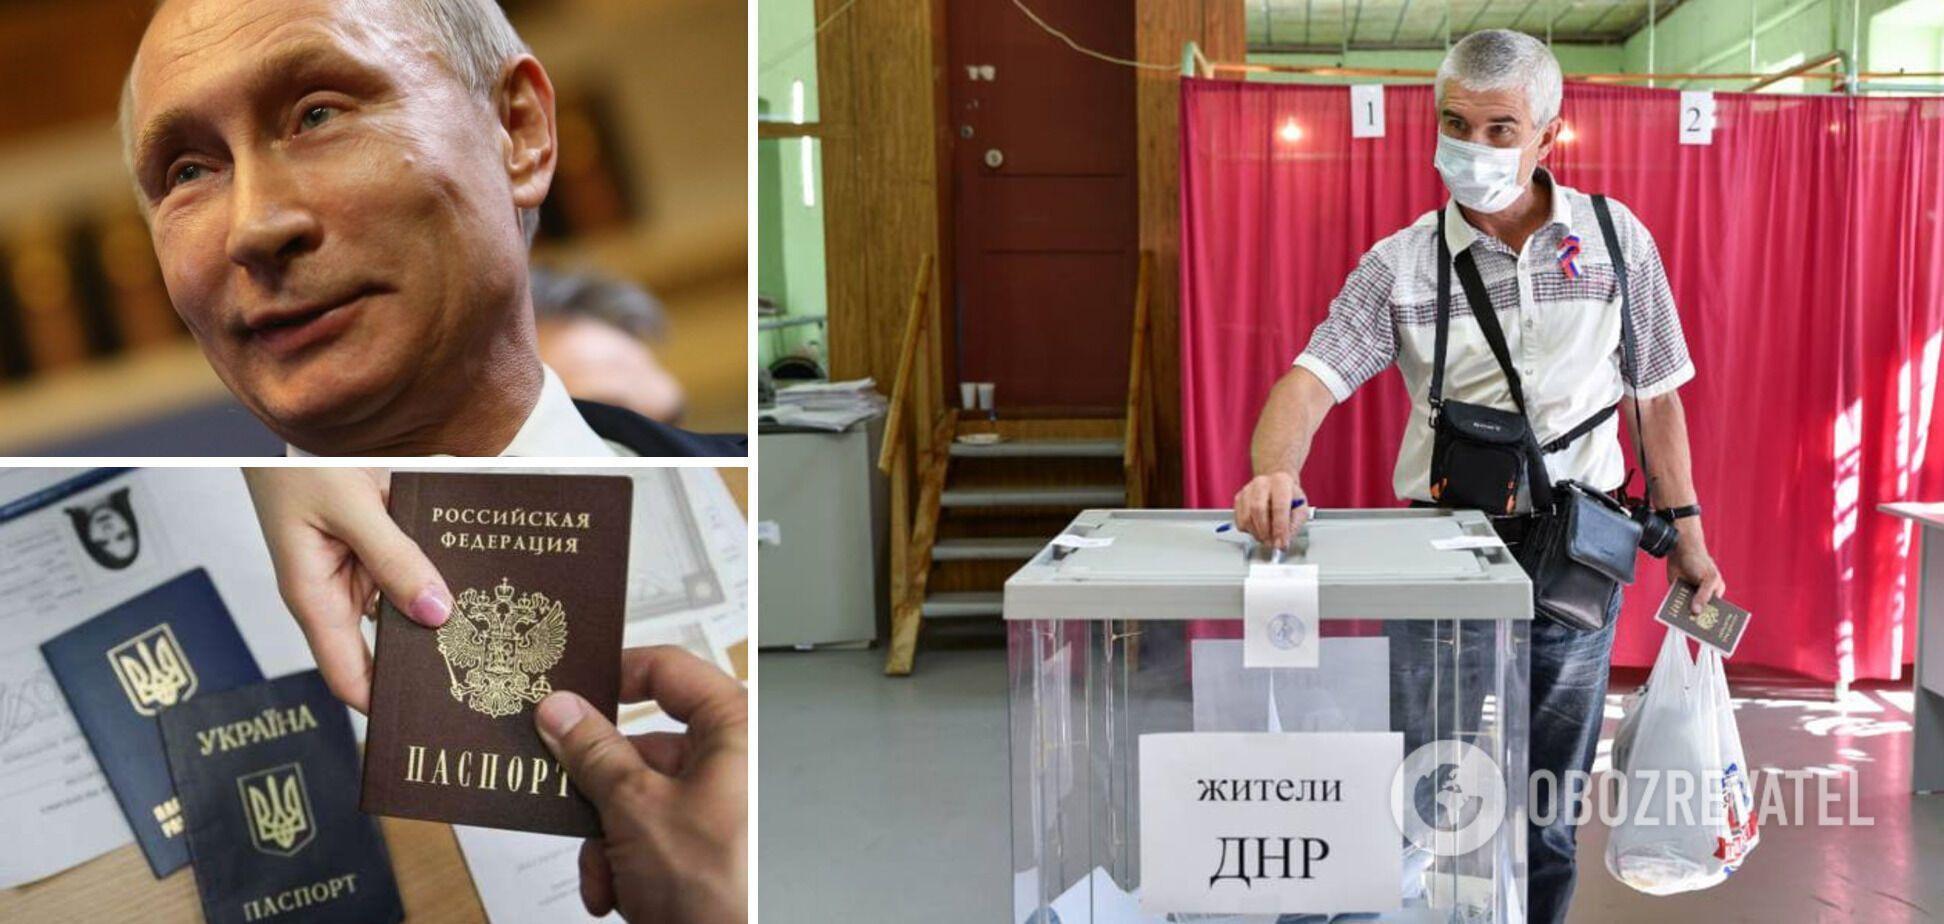 Украина выразила решительный протест против выборов в РФ